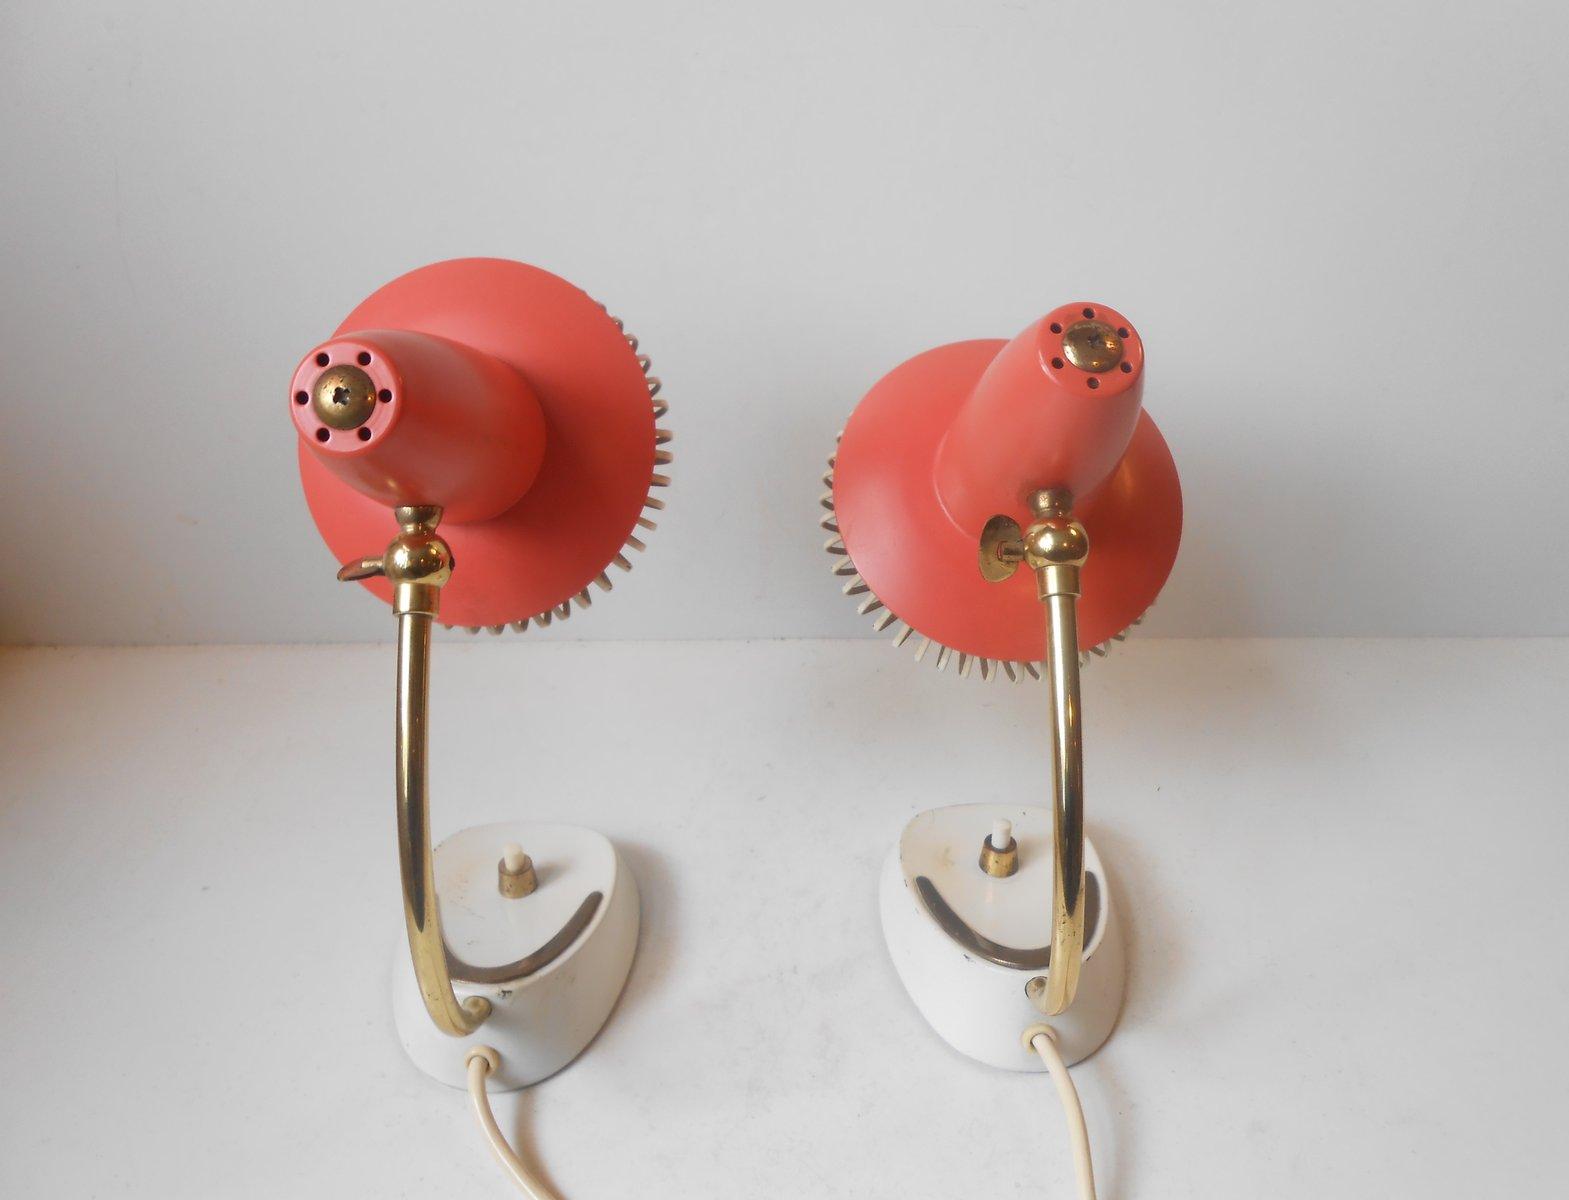 Vintage Swiss Modernist Adjustable Red Bedside Table Lamps